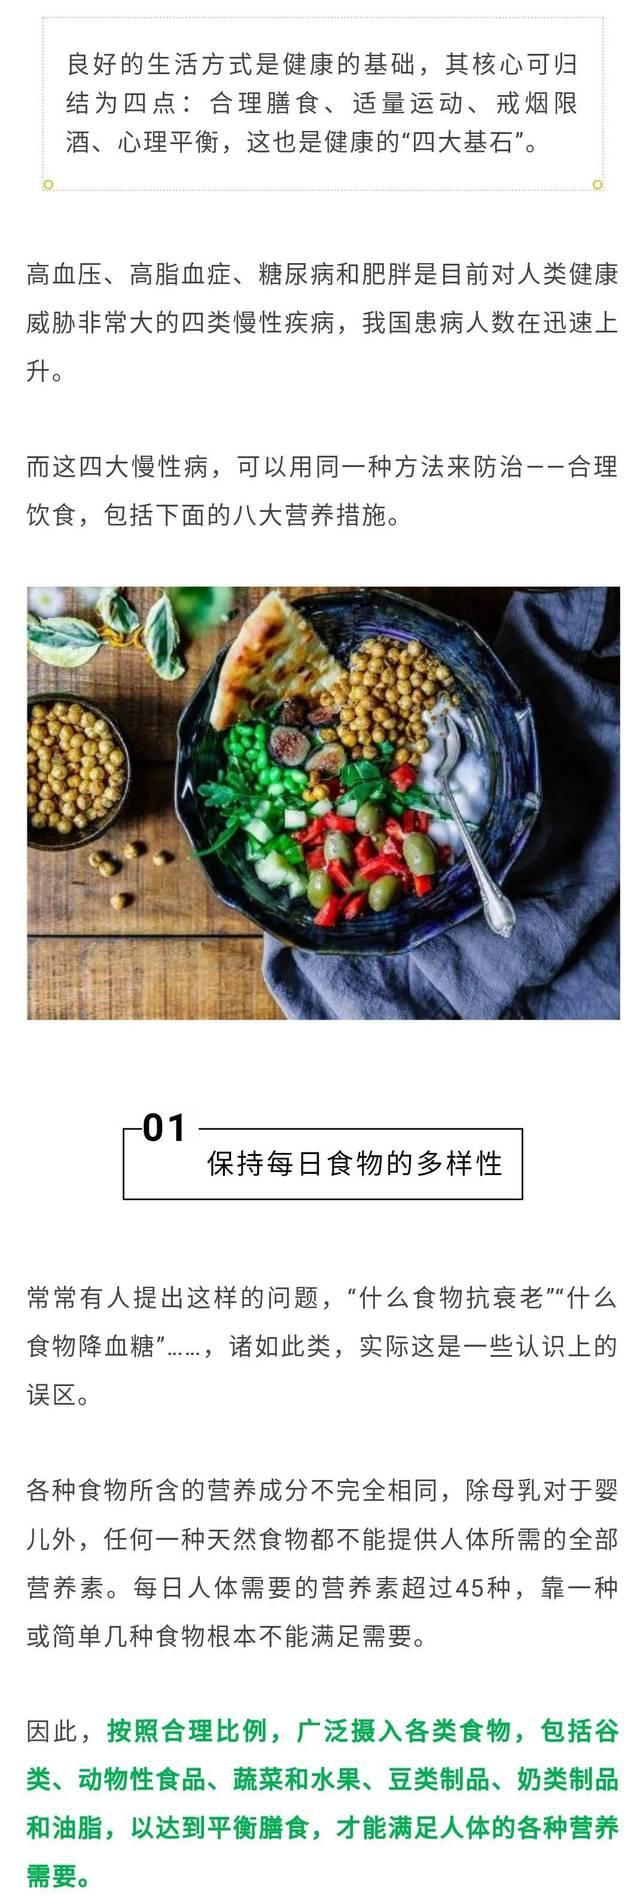 【102健康】饮食防治高血压等4大慢性病,注意这8大营养措施!